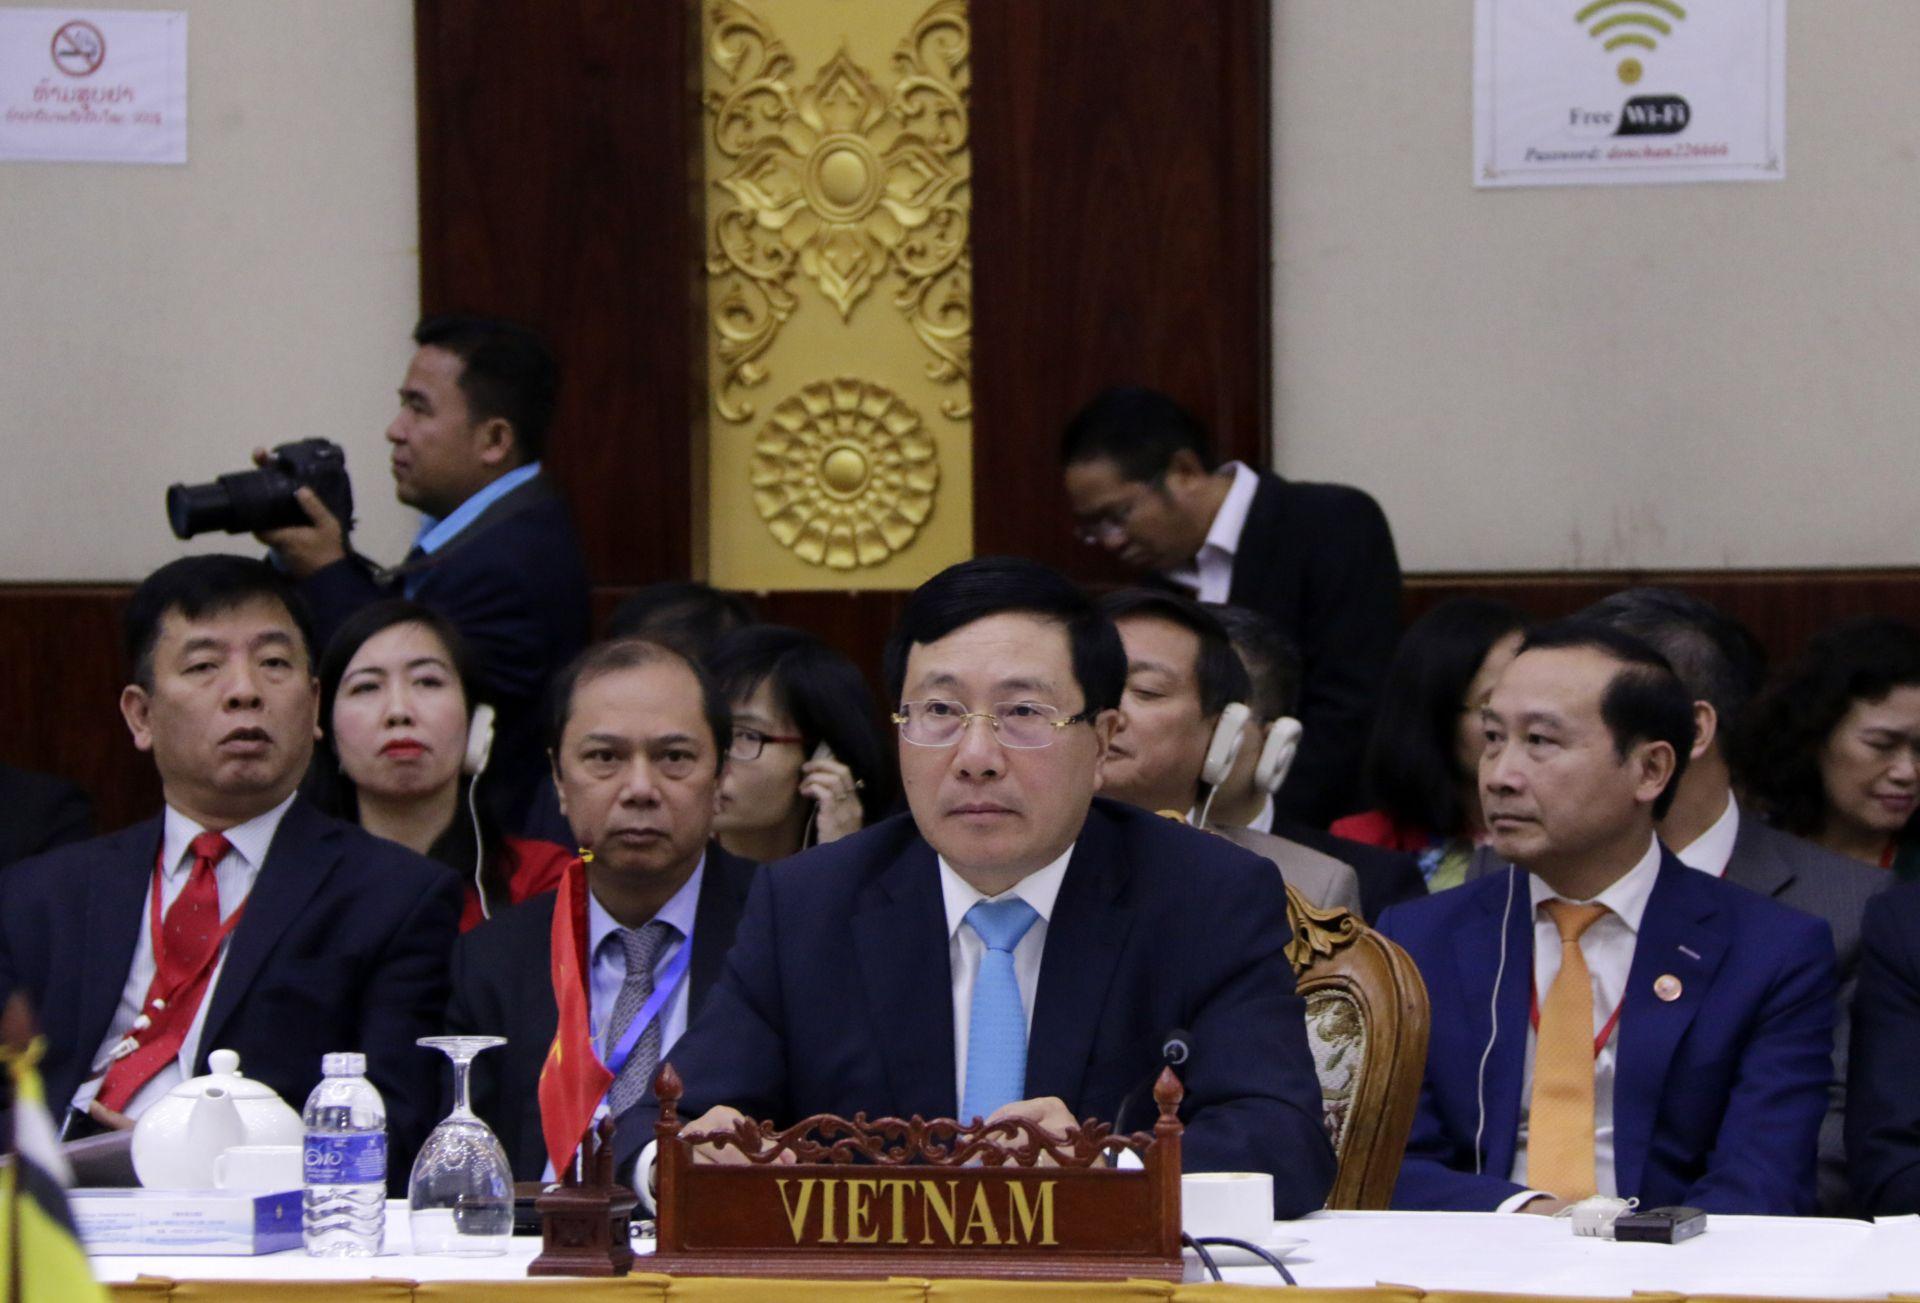 THỜI SỰ 21H30 ĐÊM 20/2/2020: Phó Thủ tướng-Bộ trưởng Ngoại giao Phạm Bình Minh chủ trì Hội nghị đặc biệt Hội đồng điều phối ASEAN